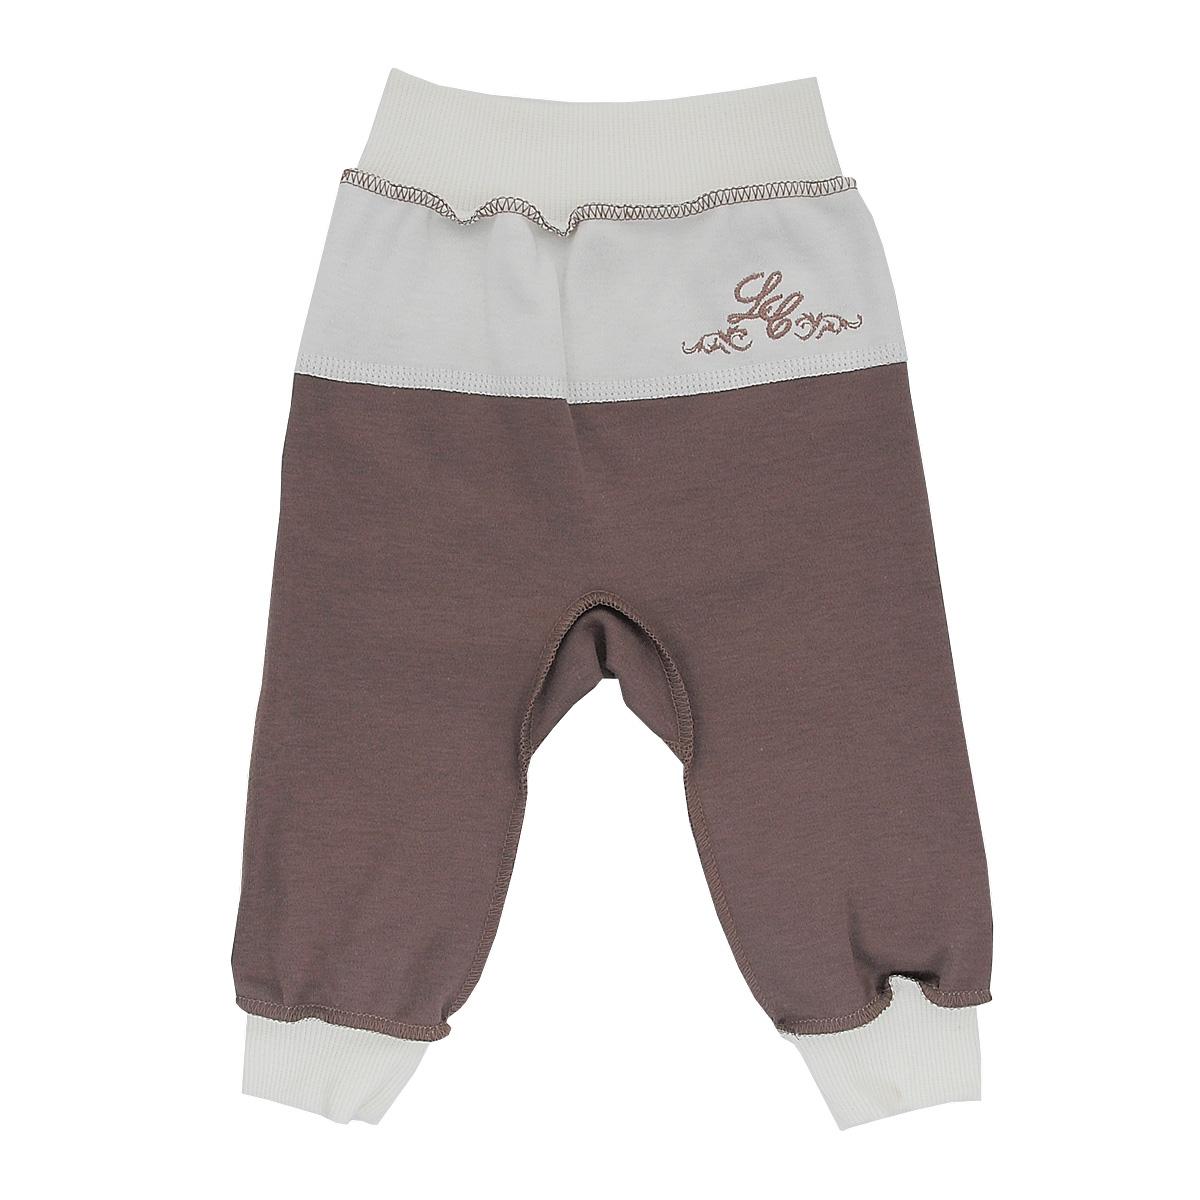 Брюки для мальчика Lucky Child, цвет: кофейный. 20-11. Размер 80/8620-11Стильные брюки для мальчика Lucky Child станут прекрасным дополнением к гардеробу вашего малыша. Изготовленные из натурального хлопка, они необычайно мягкие и приятные на ощупь, не сковывают движения ребенка и позволяют коже дышать, не раздражают даже самую нежную и чувствительную кожу ребенка, обеспечивая ему наибольший комфорт. Брюки выполнены швами наружу, на талии имеют широкую эластичную резинку, благодаря чему они не сдавливают животик ребенка и не сползают. Снизу брючины дополнены широкими трикотажными манжетами. Спереди брюки дополнены контрастной вставкой, оформленной вышивкой.В таких брюках ваш ребенок будет чувствовать себя уютно и комфортно и всегда будет в центре внимания!